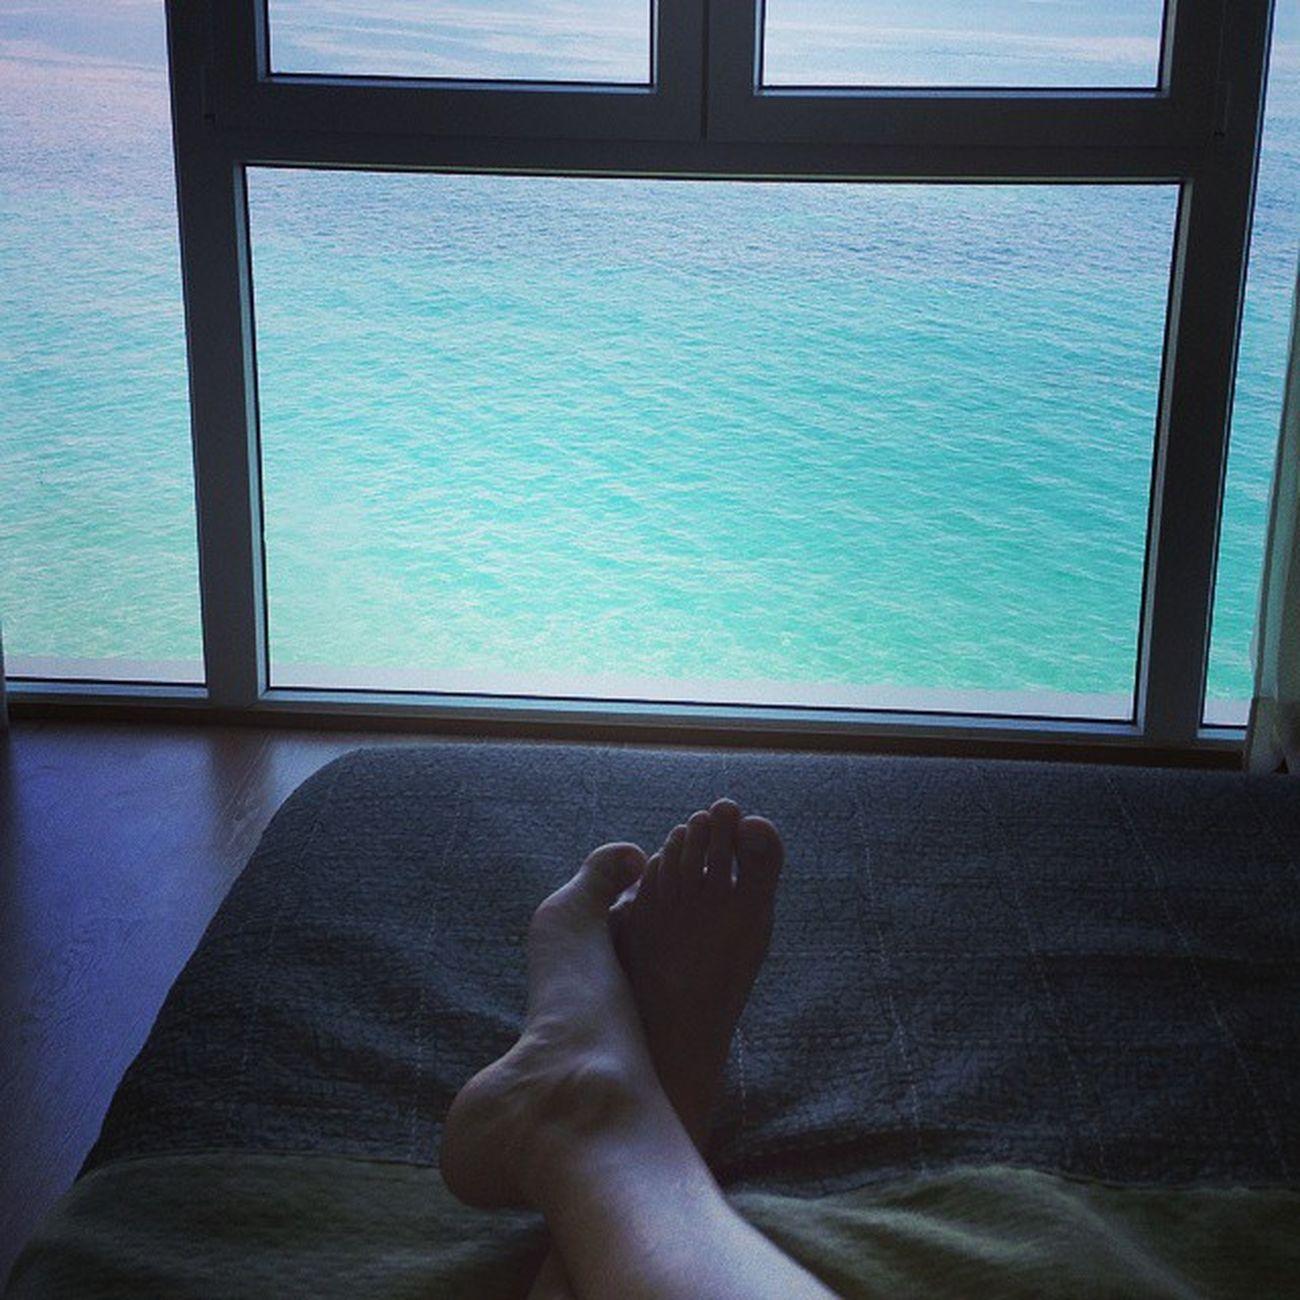 Despertarse con estas vistas no tiene precio 🌅🌞 Lunes HotelVillaVenecia 5☆ Benidorm Mediterráneo CostaBlanca ElCaloret Summer2015 VisitBenidorm benidormbeach LuxuryHotels holydays